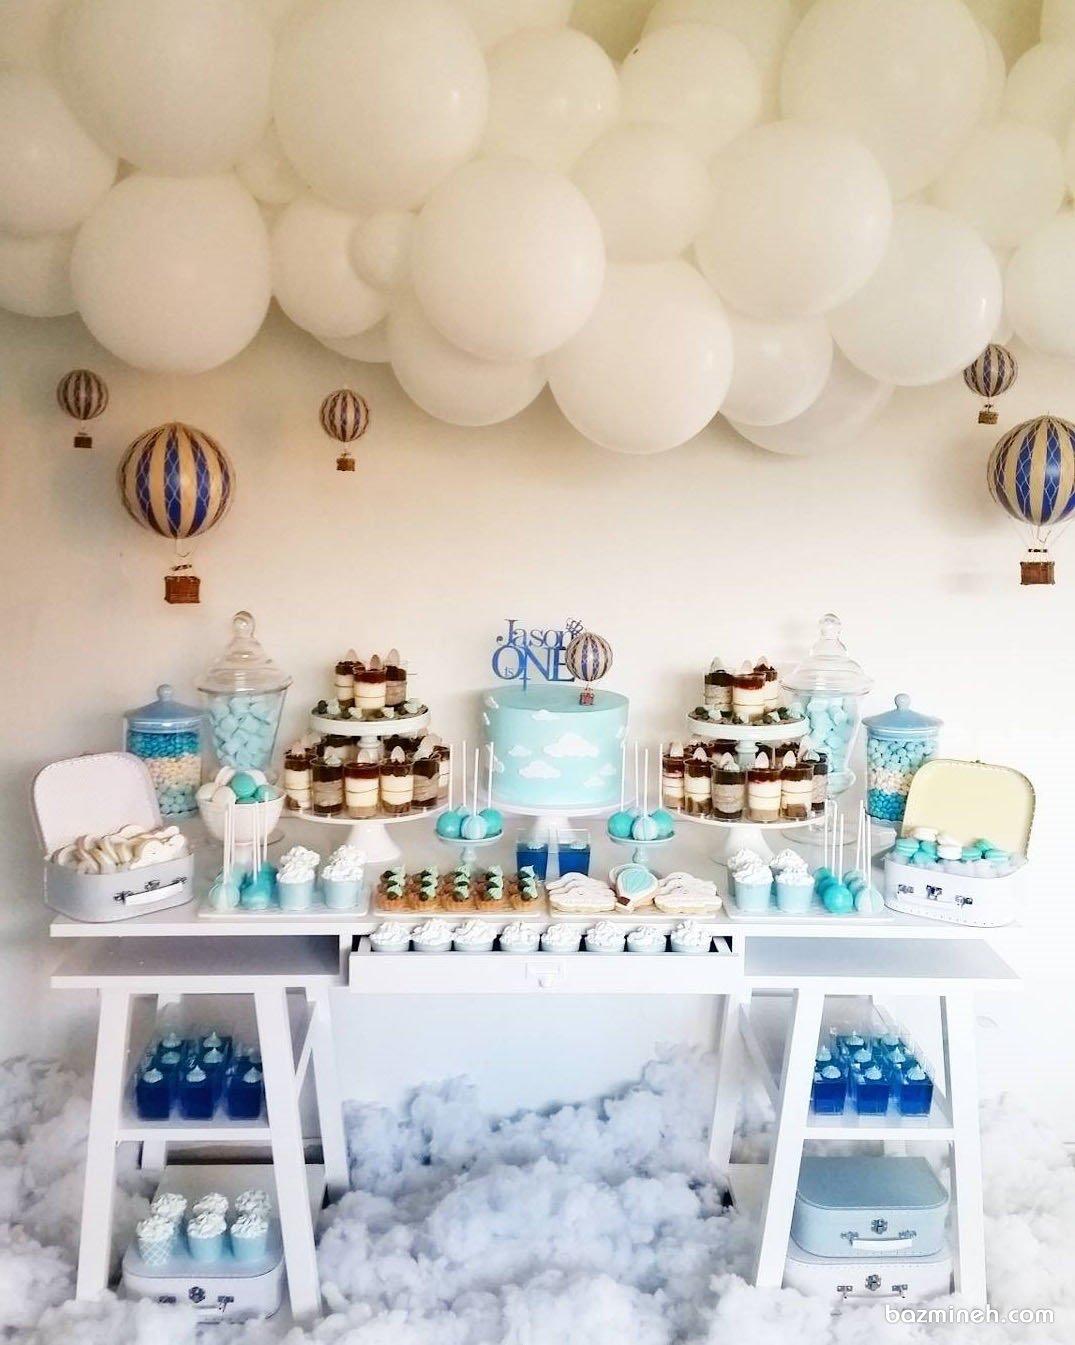 دکوراسیون و بادکنک آرایی جشن تولد یکسالگی پسرونه با تم بالن سفید آبی و ایده جالب درست کردن ابرهای پنبه ای و بالن با توپ های پلاستیکی